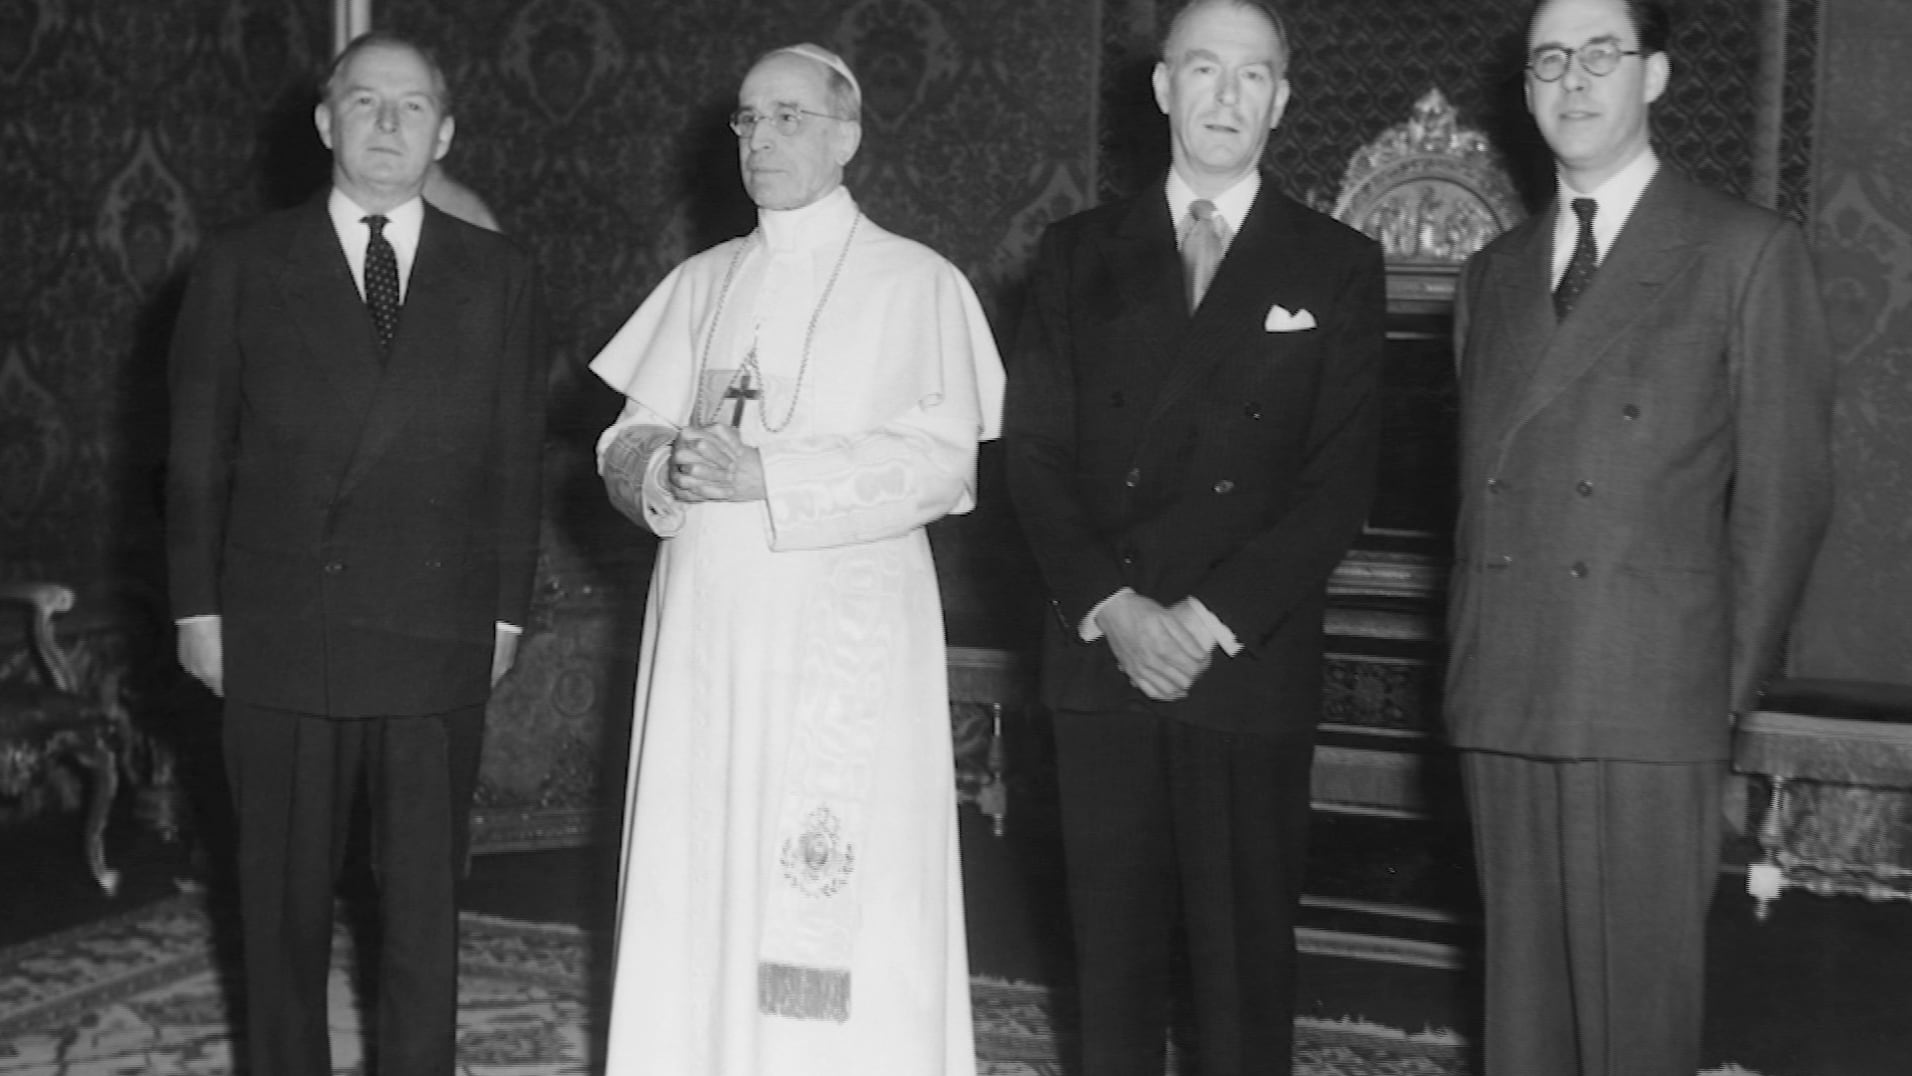 الفاتيكان يستعد للكشف عن وثائق سرية تعود للحرب العالمية 2